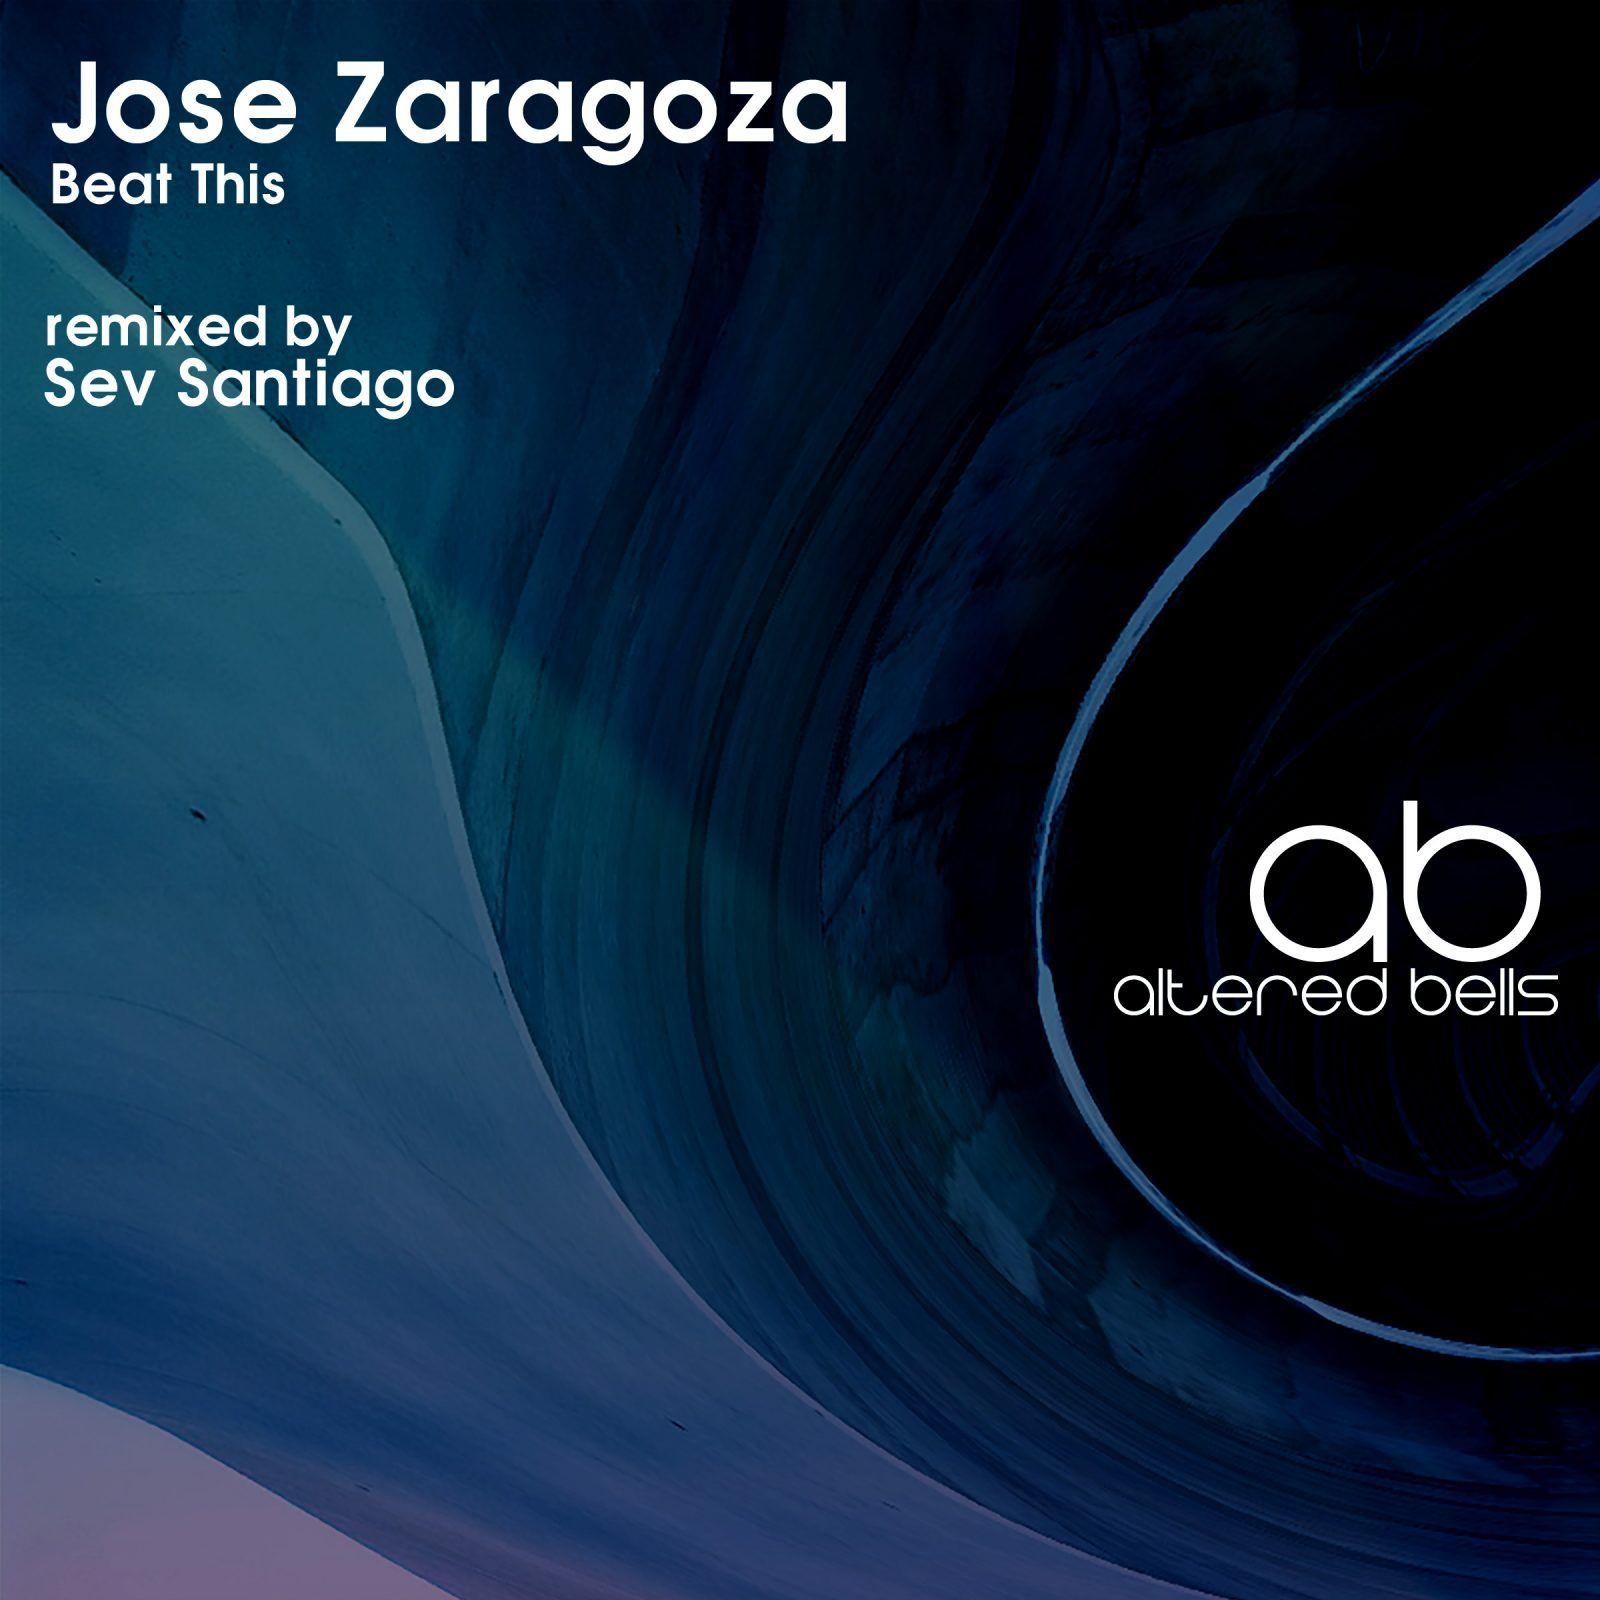 josezaragoza-beatthis.jpg